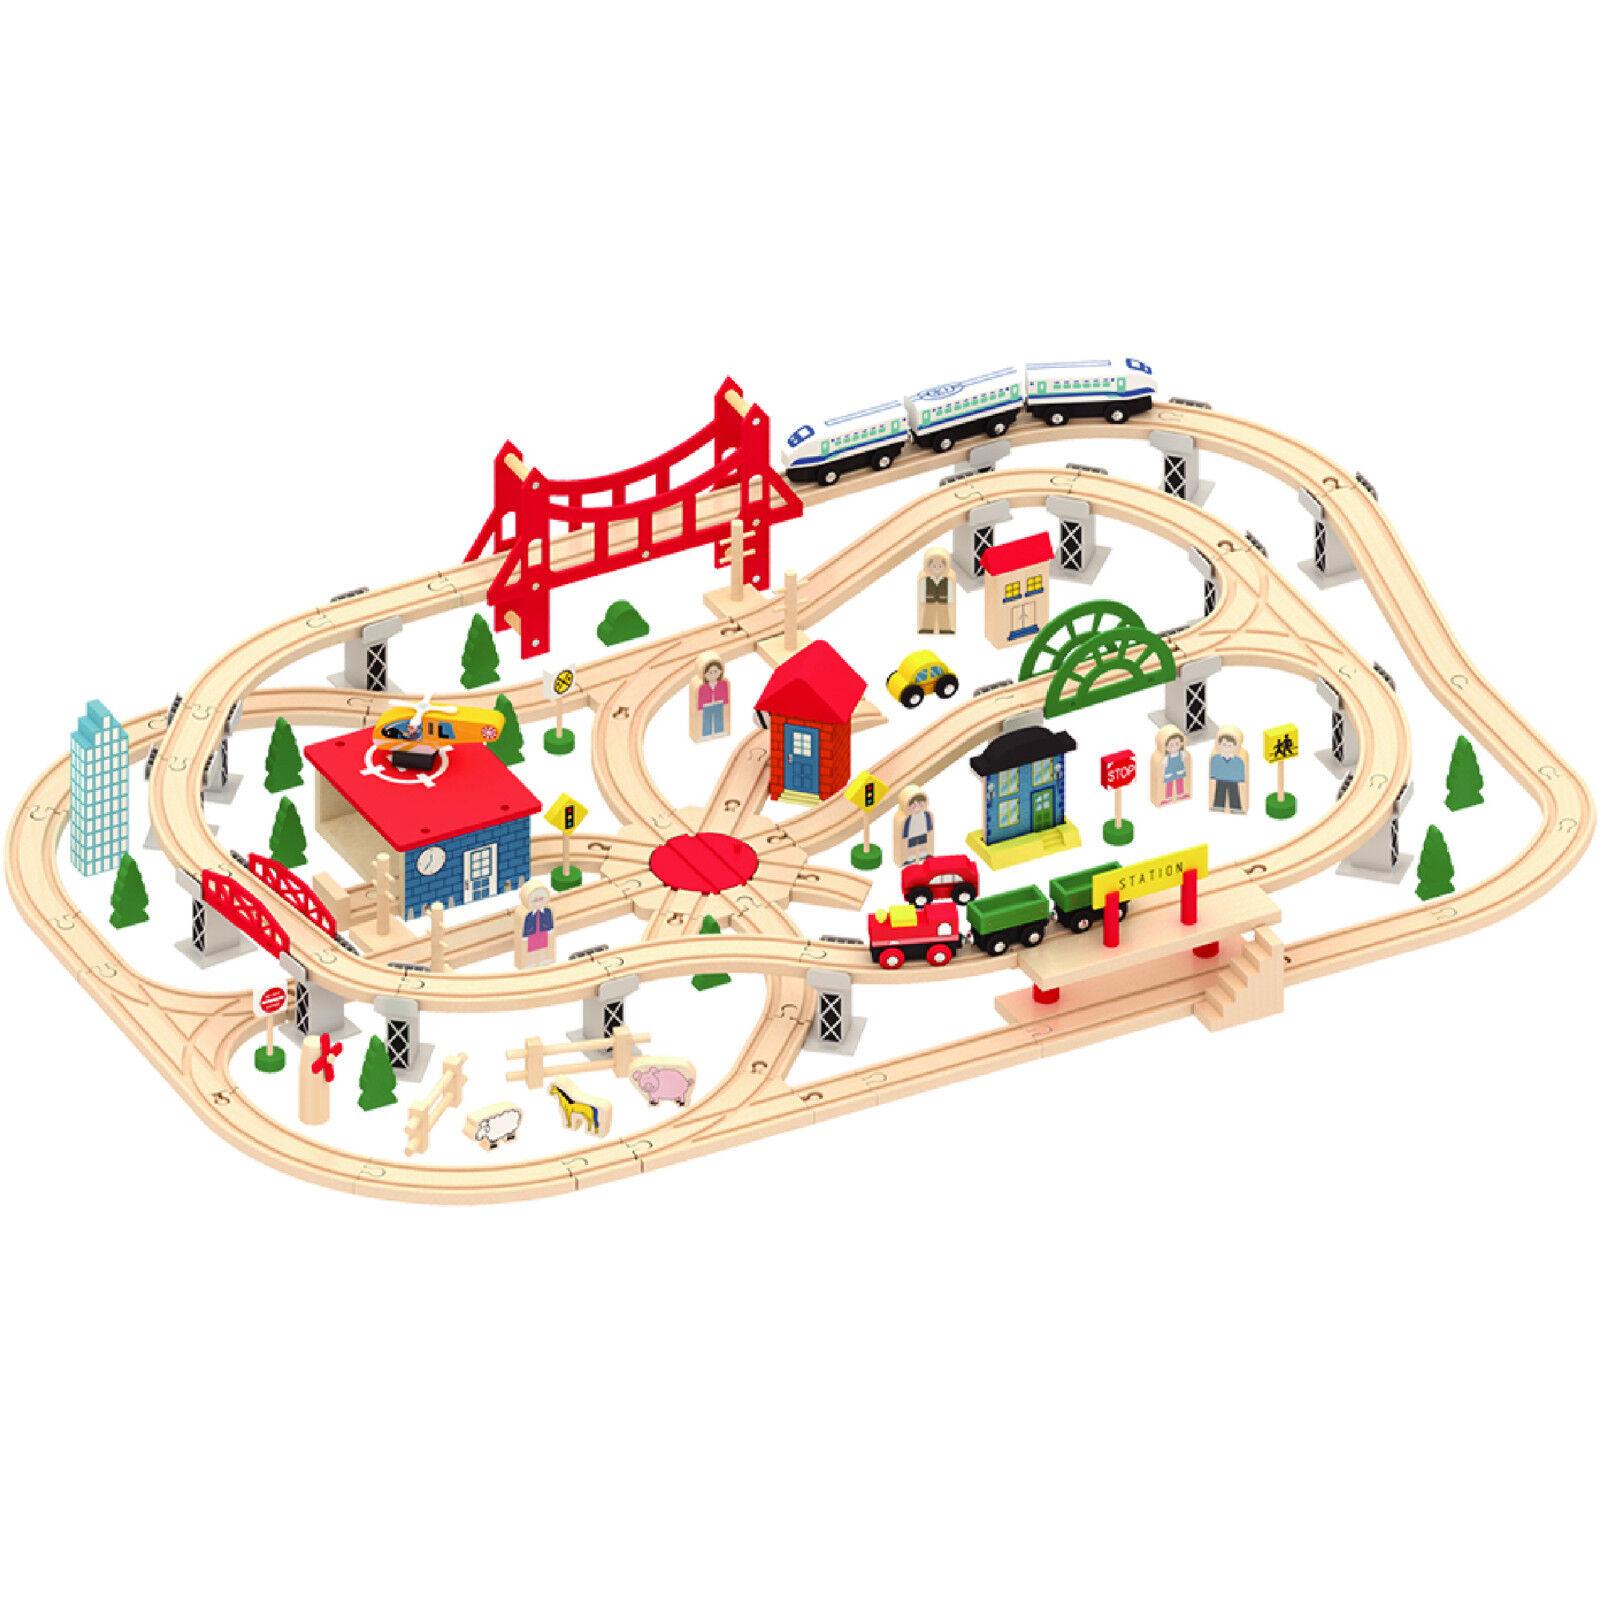 Holz 130 St.Beschäftigt Stadt & Zug Set Bahntrasse Spielzeug Brio Bigjigs